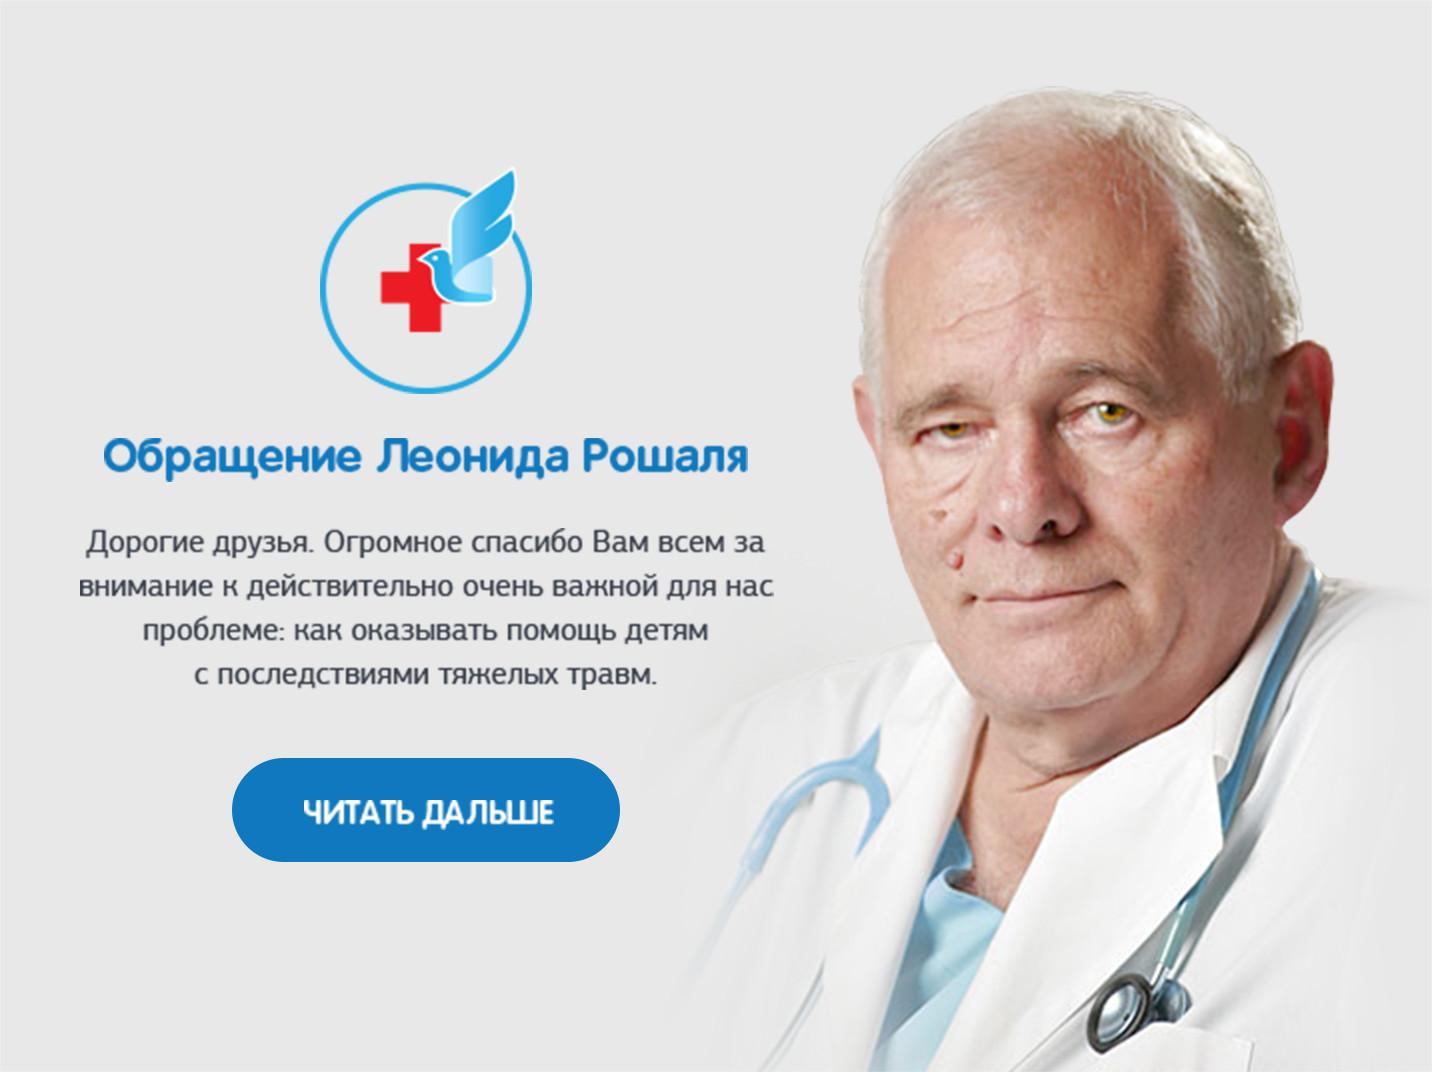 Леонид Рошаль: биография, интервью, клиника Рошаля в Москве 41